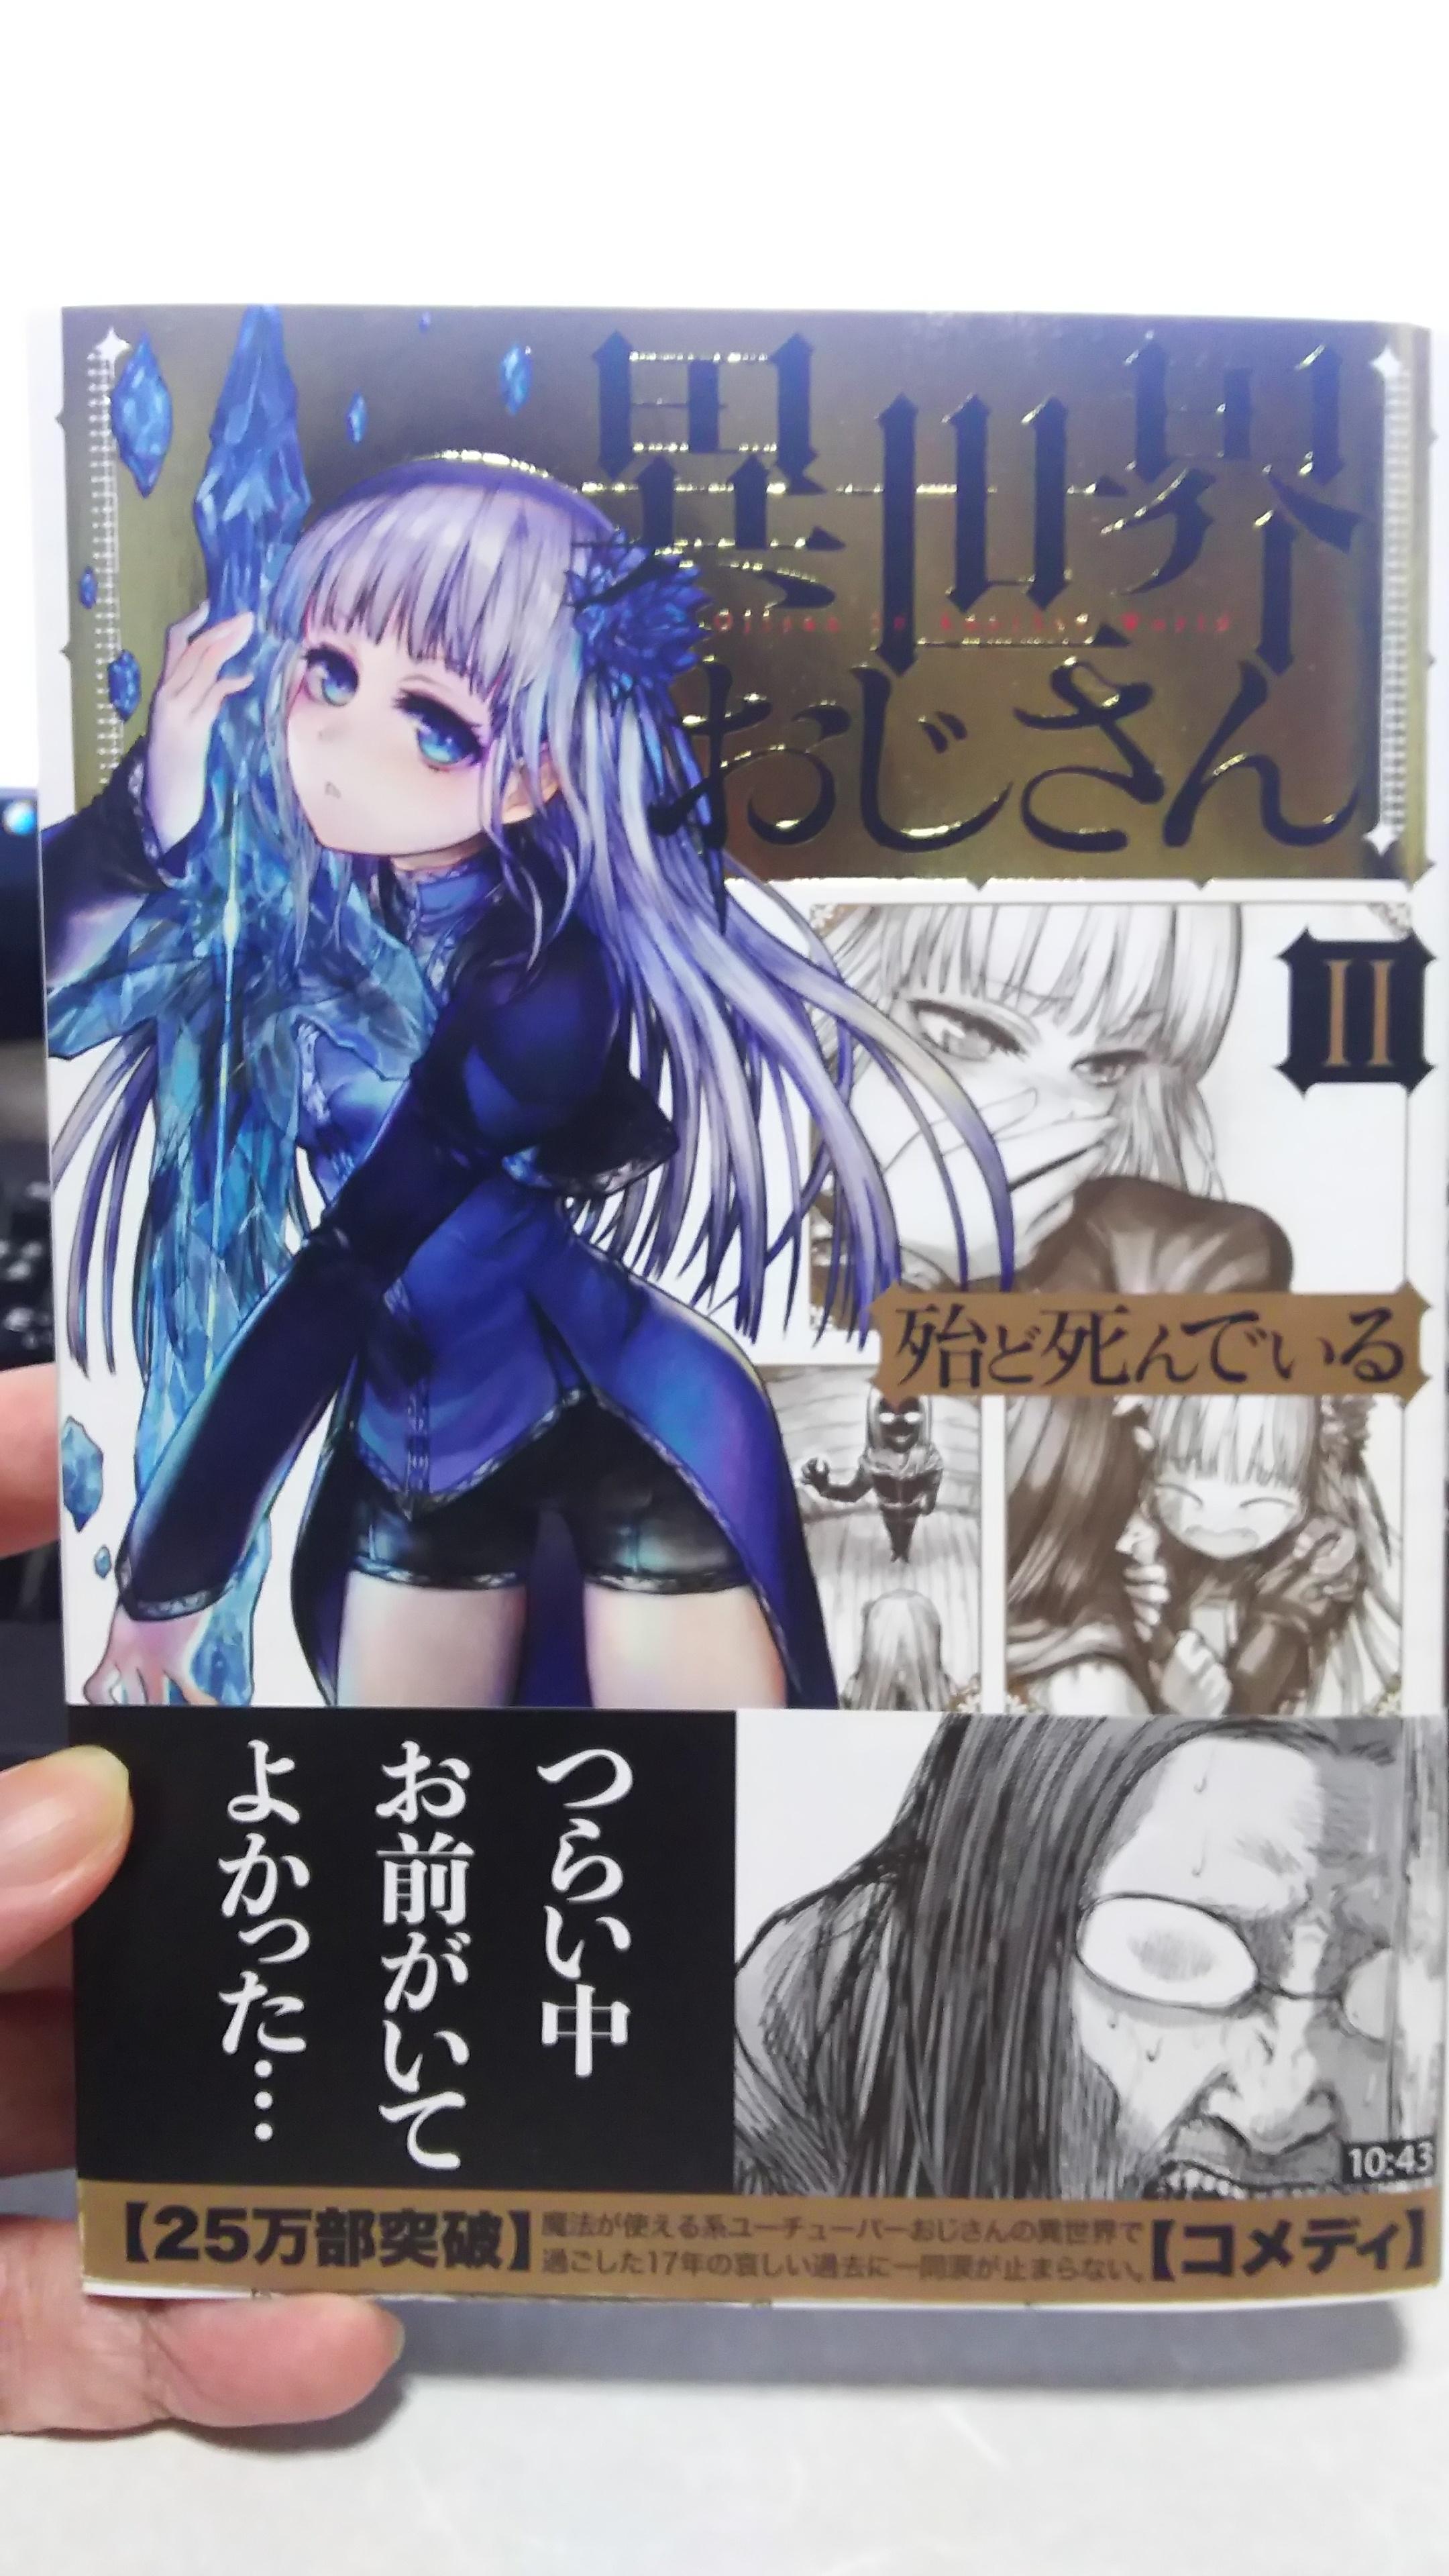 """漫画「異世界おじさん」2巻購入 / """"Different world Uncle"""" Vol.2 purchase"""